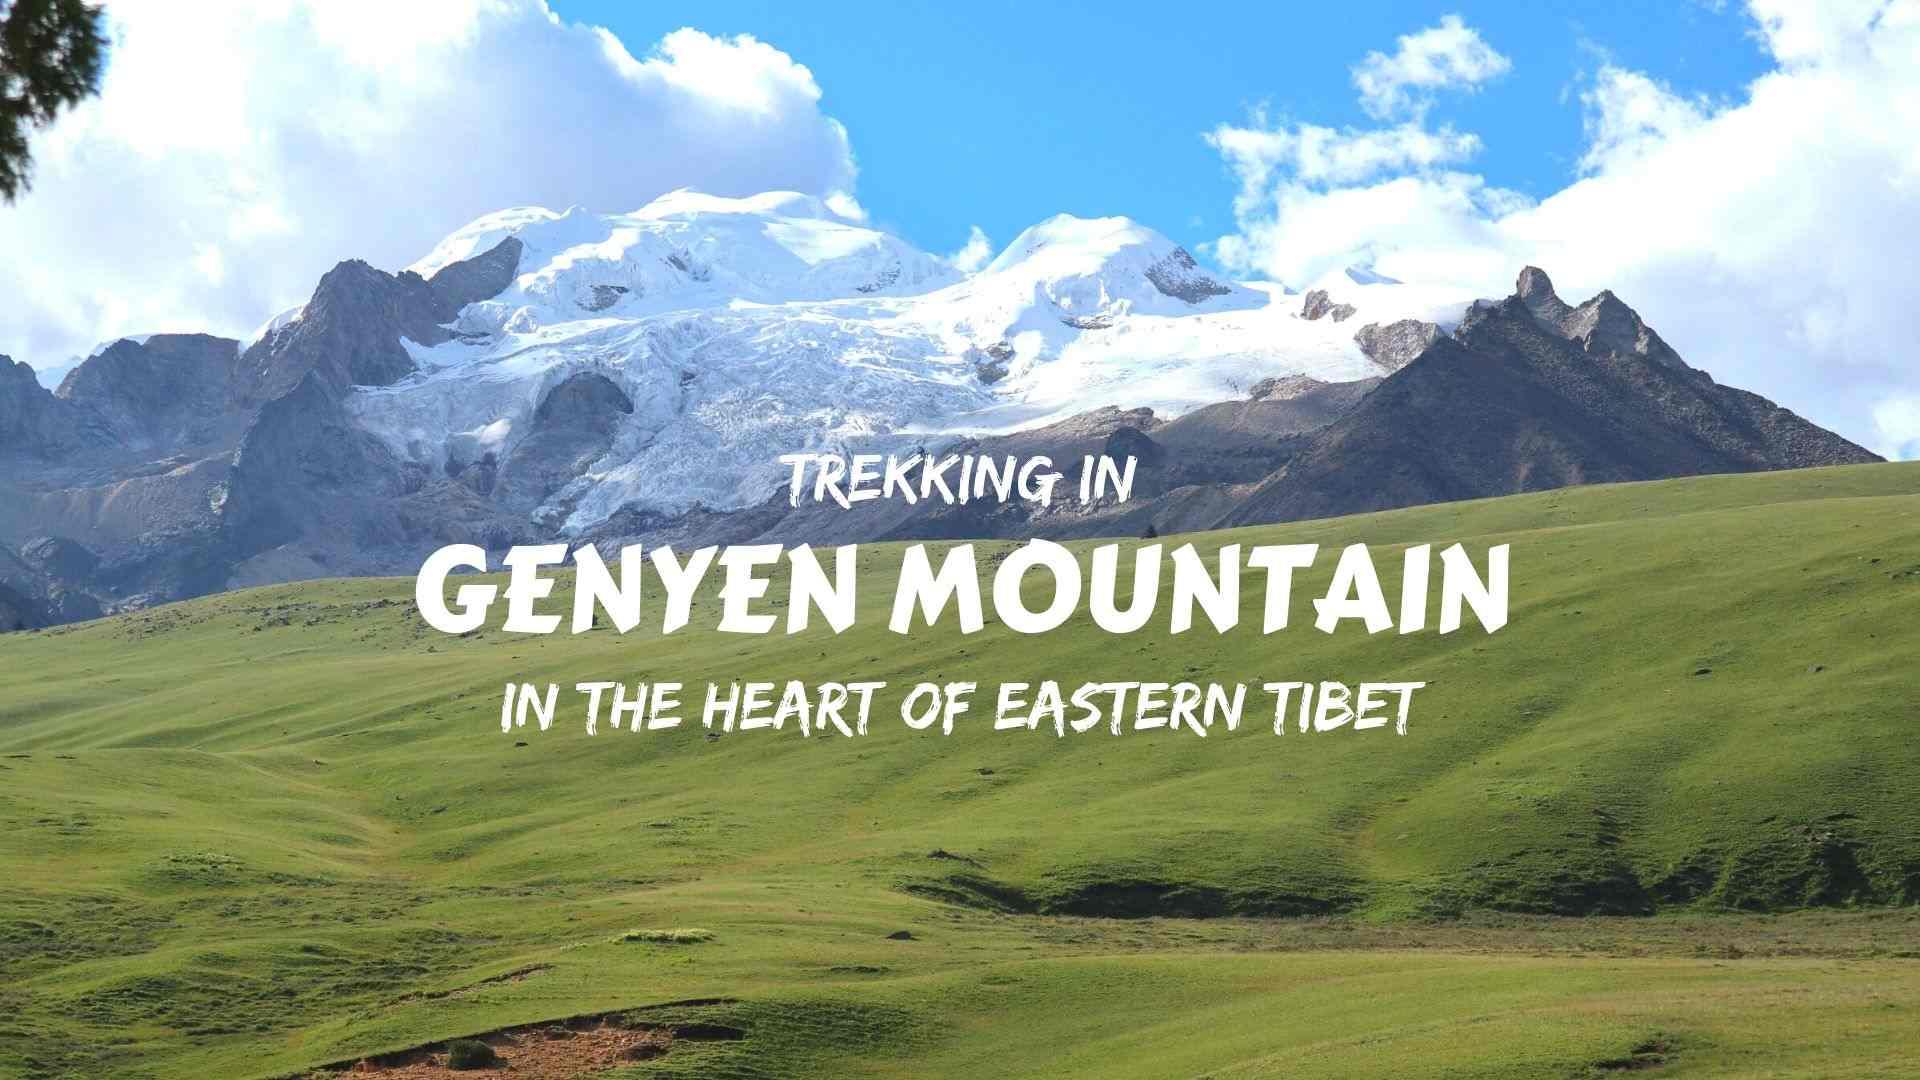 Trekking in Genyen Mountain, in the heart of Eastern Tibet